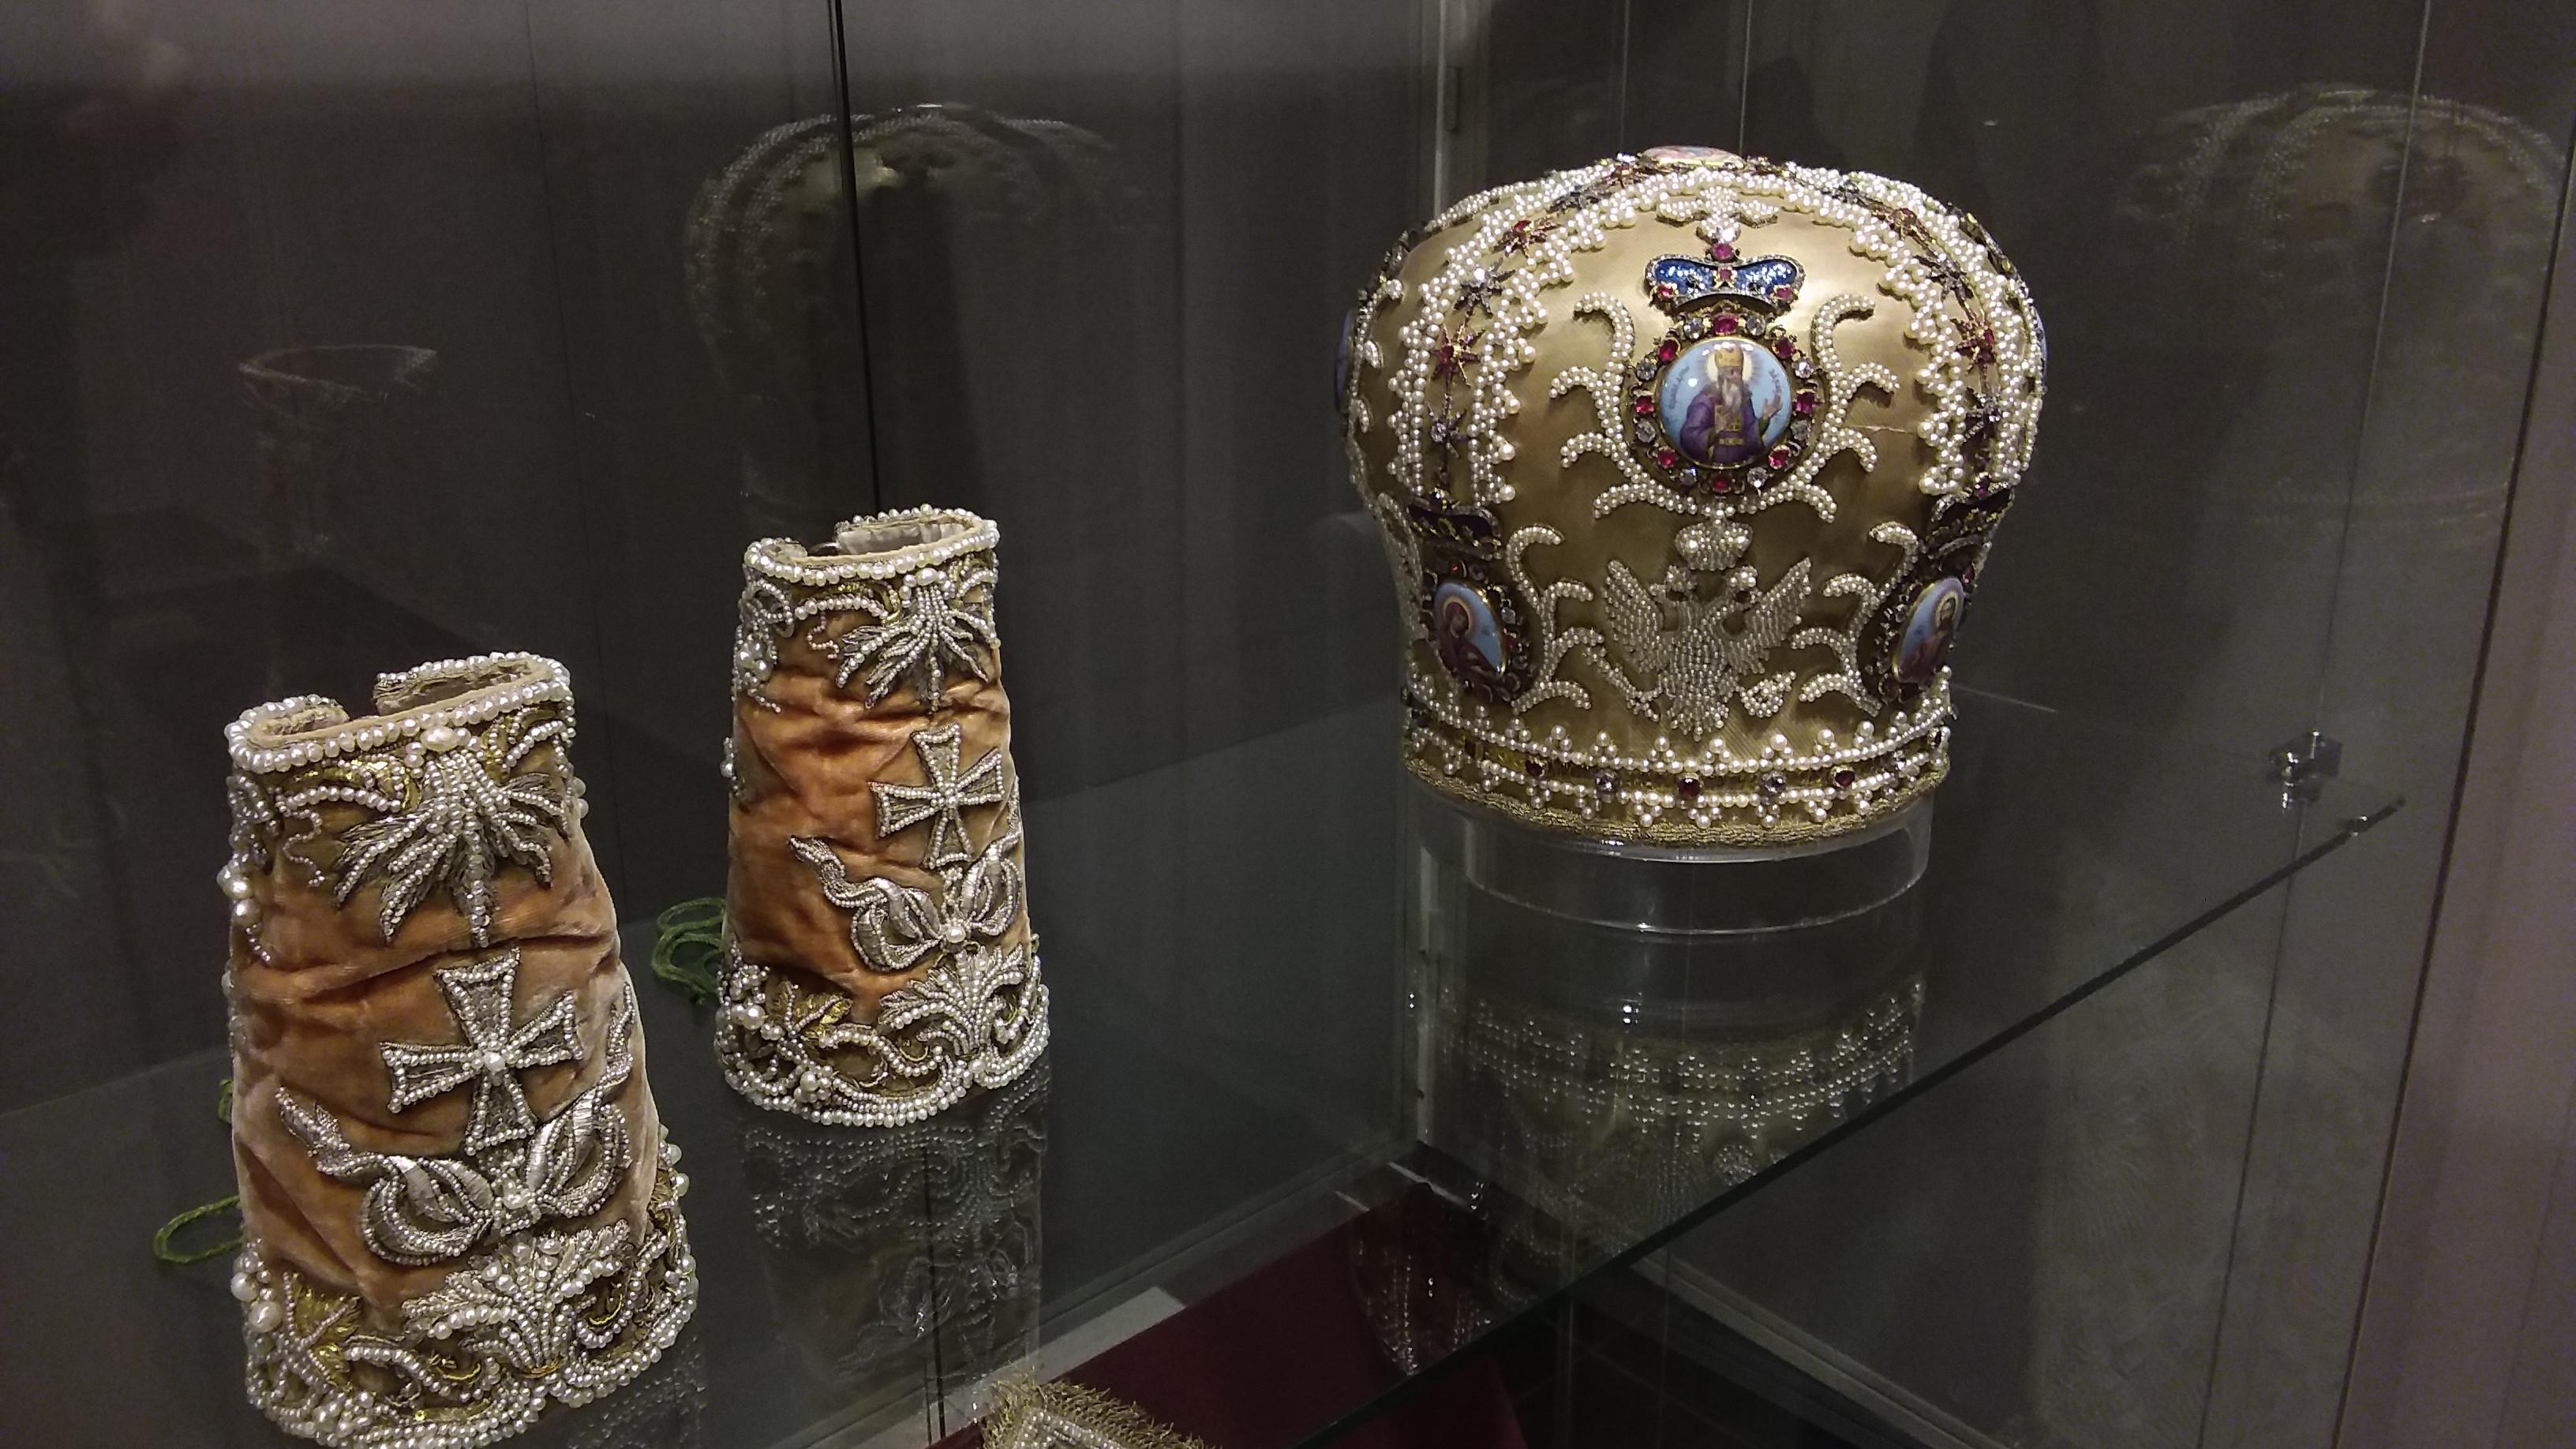 Выставка «Встреча с прошлым» откроется в Сергиево-Посадском музее-заповеднике в декабре